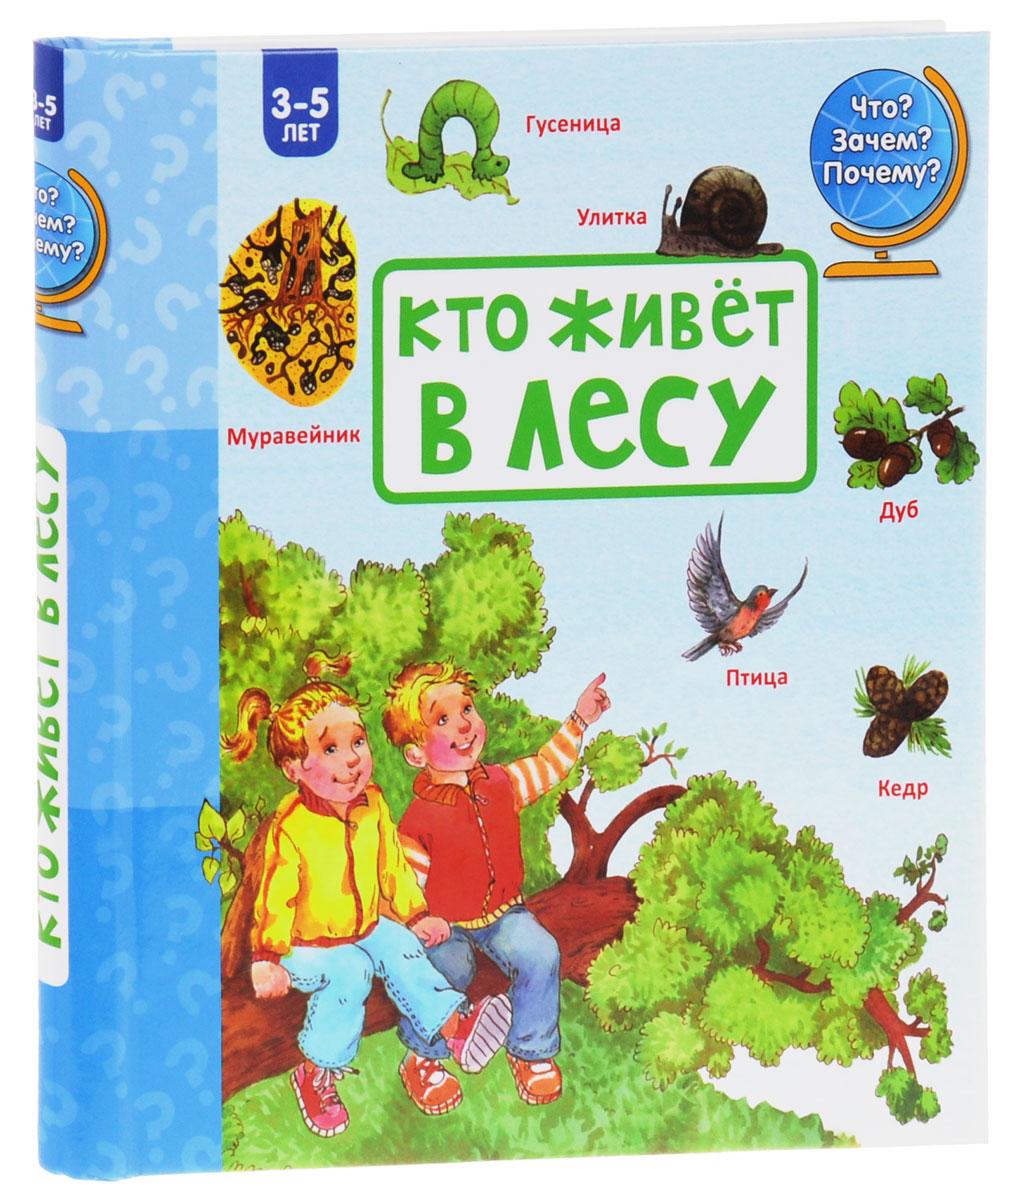 Кто живет в лесу12296407Увлекательная мини-энциклопедия для детей от 3 до 5 лет. Читай, Открывай окошки, Отыщи всё то, о чём написано в этой книге. В лесу происходит так много всего интересного… Знаешь ли ты, какие бывают деревья? Зачем птицы строят гнёзда? Какие животные зимой спят, а какие линяют, становясь, например, из сереньких - белыми? Всё это тебе поможет узнать наша увлекательная мини-энциклопедия с окошками!